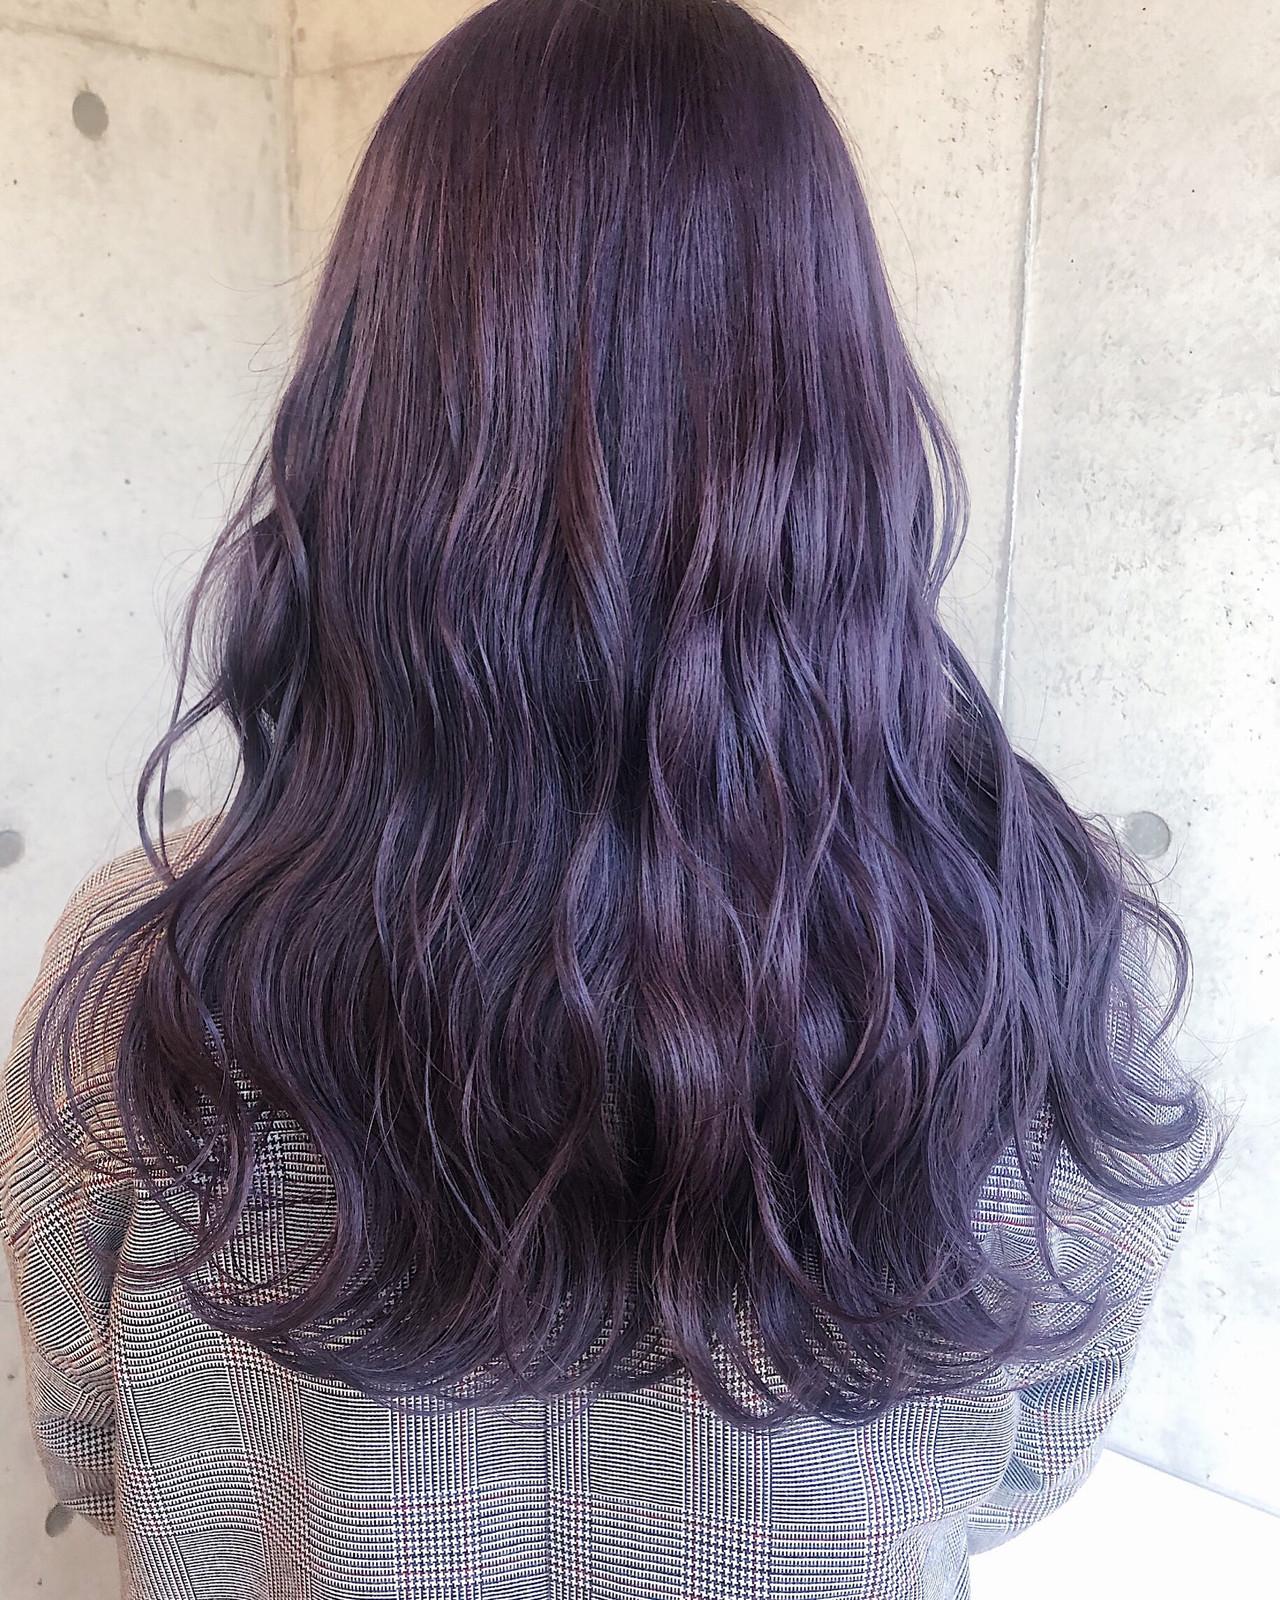 波ウェーブ ピンクカラー ダブルカラー ストリート ヘアスタイルや髪型の写真・画像 | ニシムラ カナ / La familia